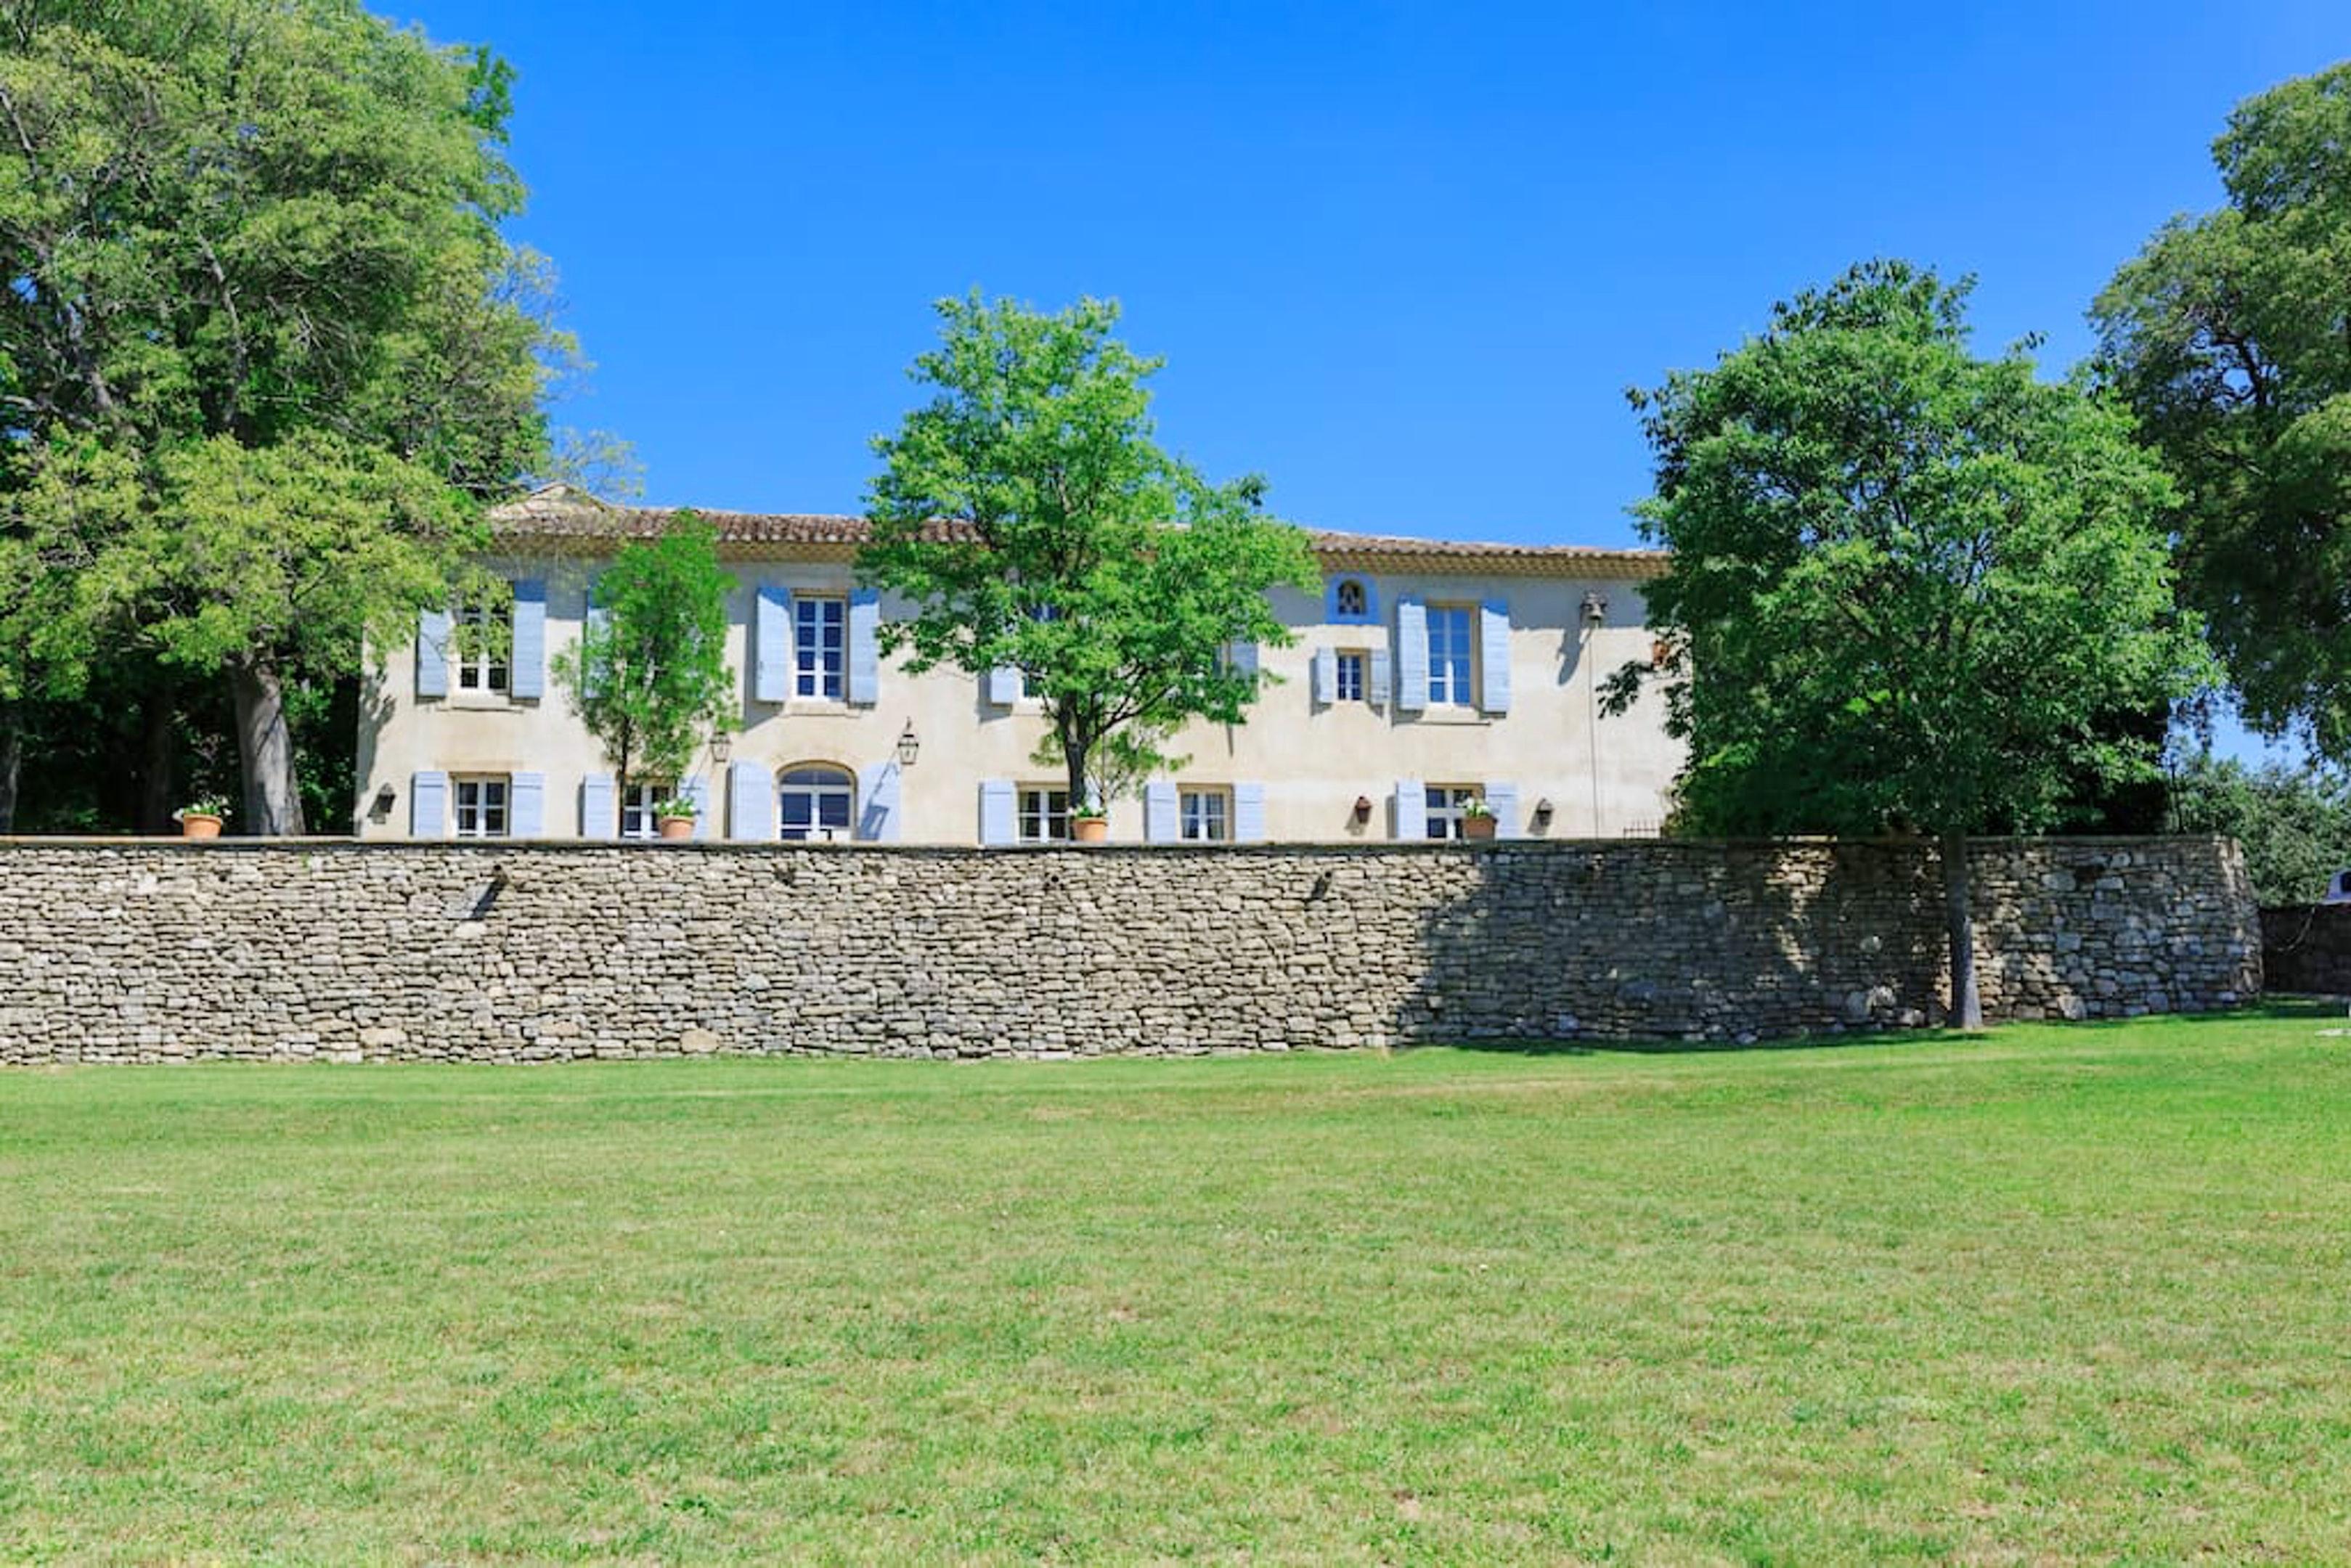 Maison de vacances Villa mit 6 Schlafzimmern in L'Isle-sur-la-Sorgue mit privatem Pool, möbliertem Garten und (2647203), L'Isle sur la Sorgue, Vaucluse, Provence - Alpes - Côte d'Azur, France, image 51